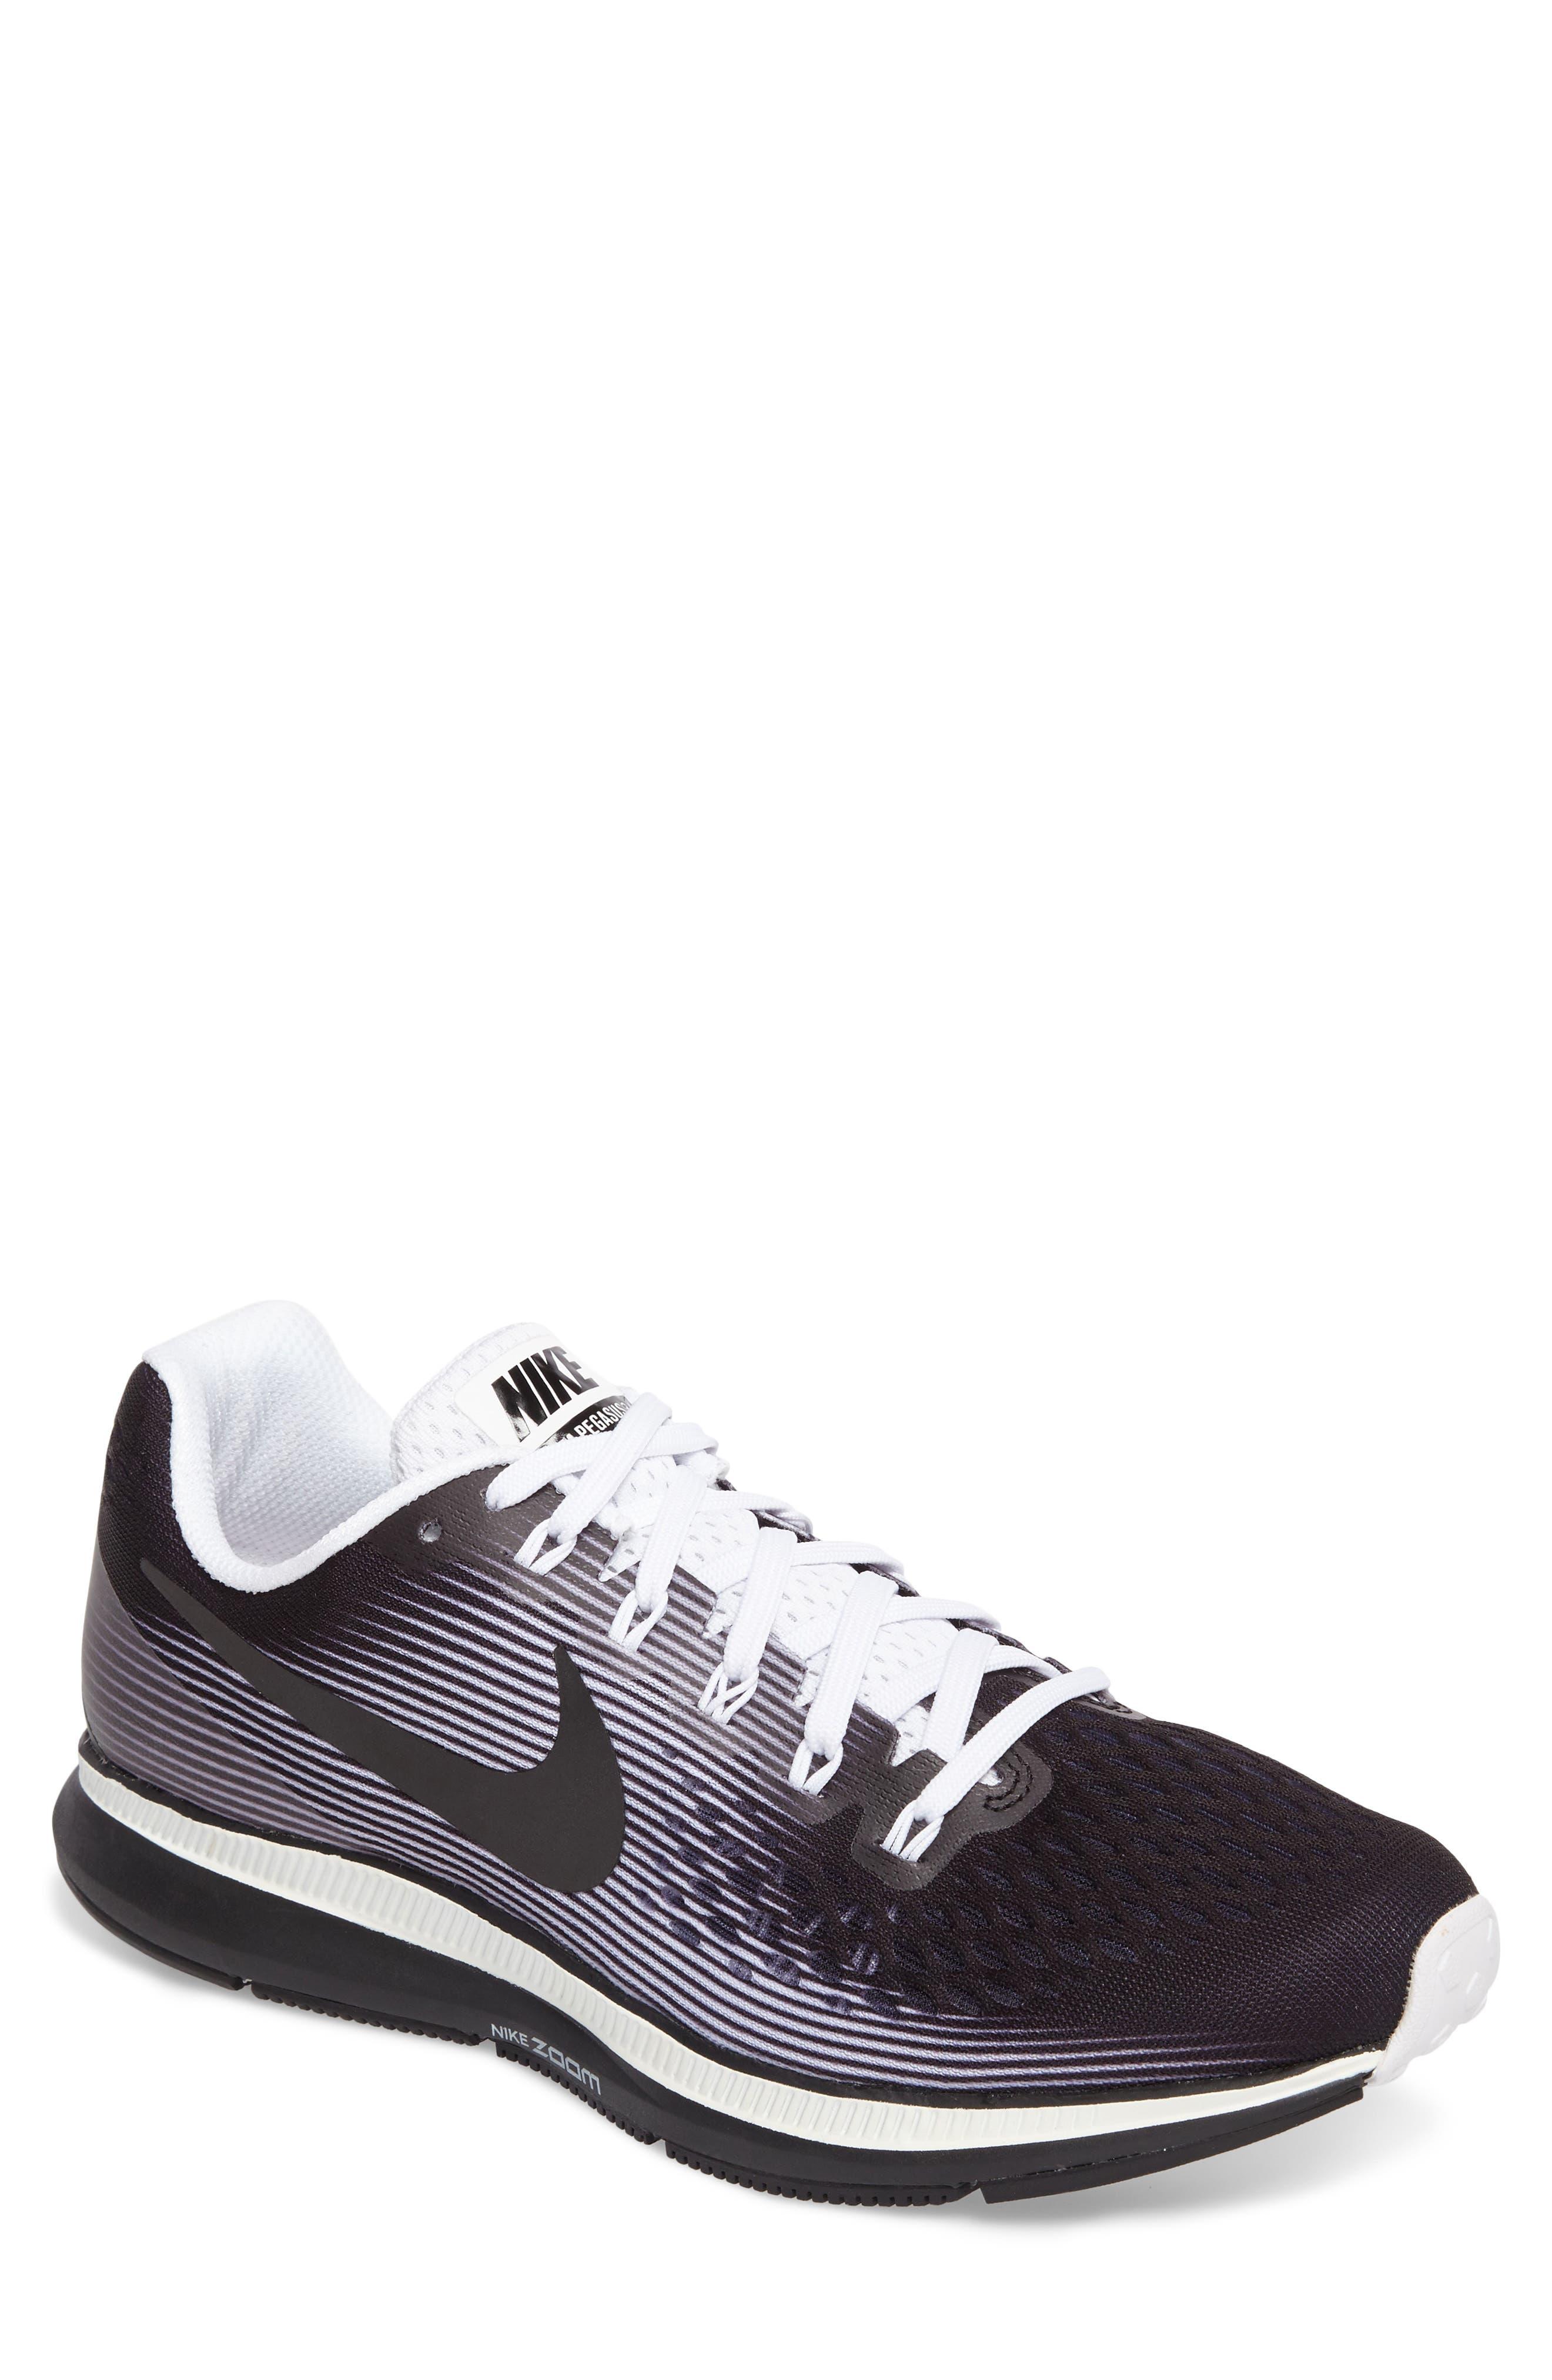 Alternate Image 1 Selected - Nike Air Zoom Pegasus 34 LE Running Shoe (Men)